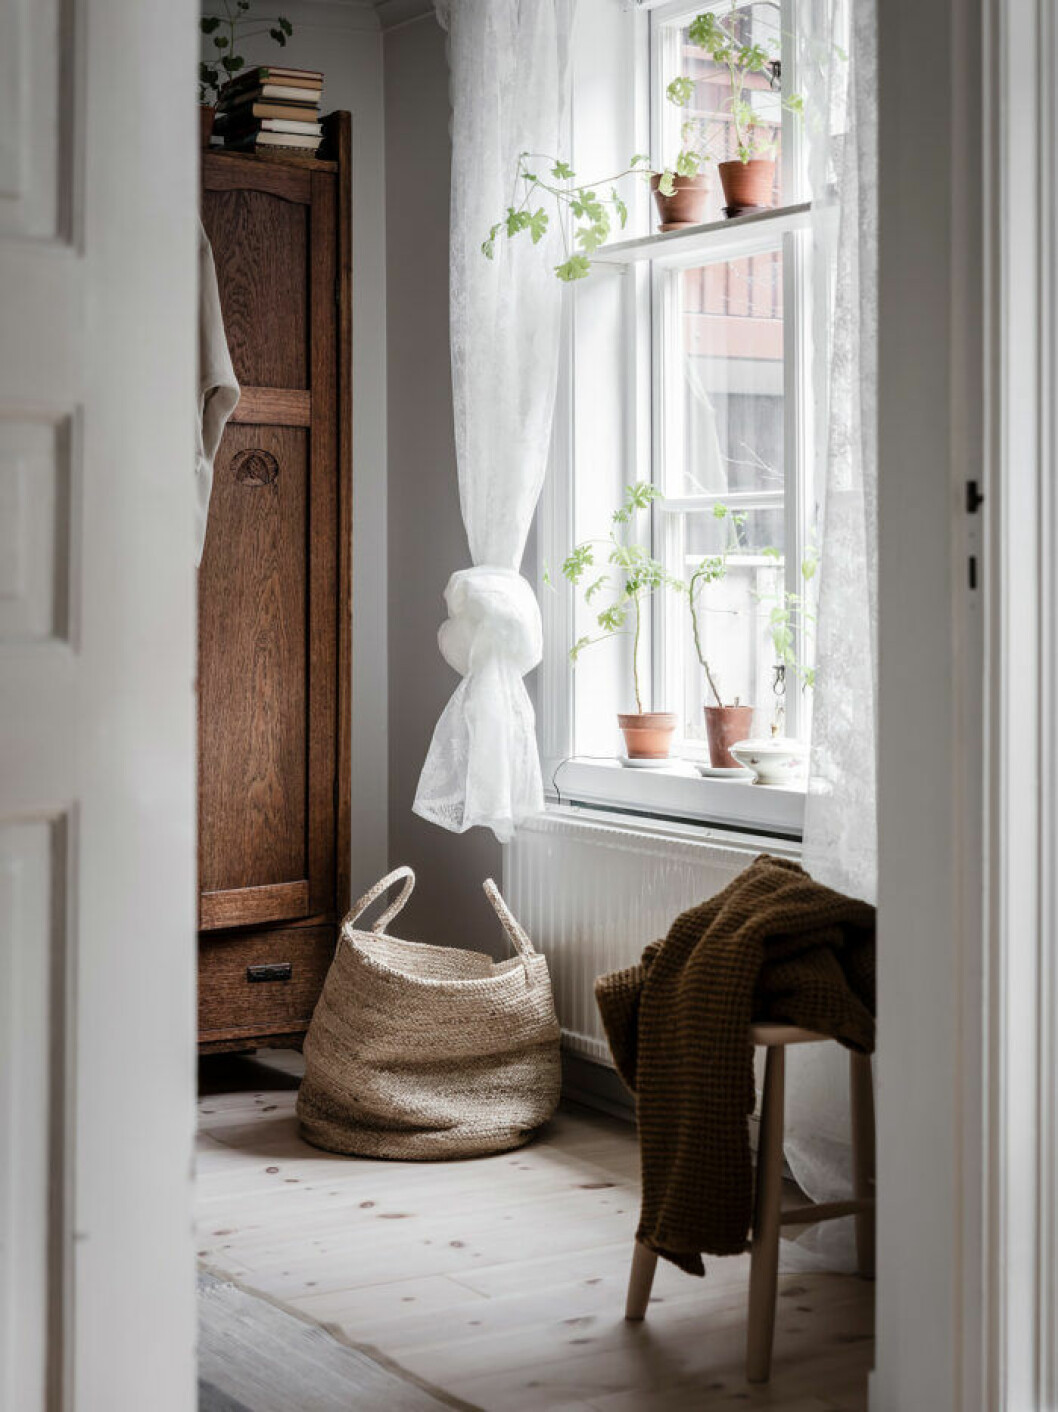 Kattvänlig inredning med växter i fönster